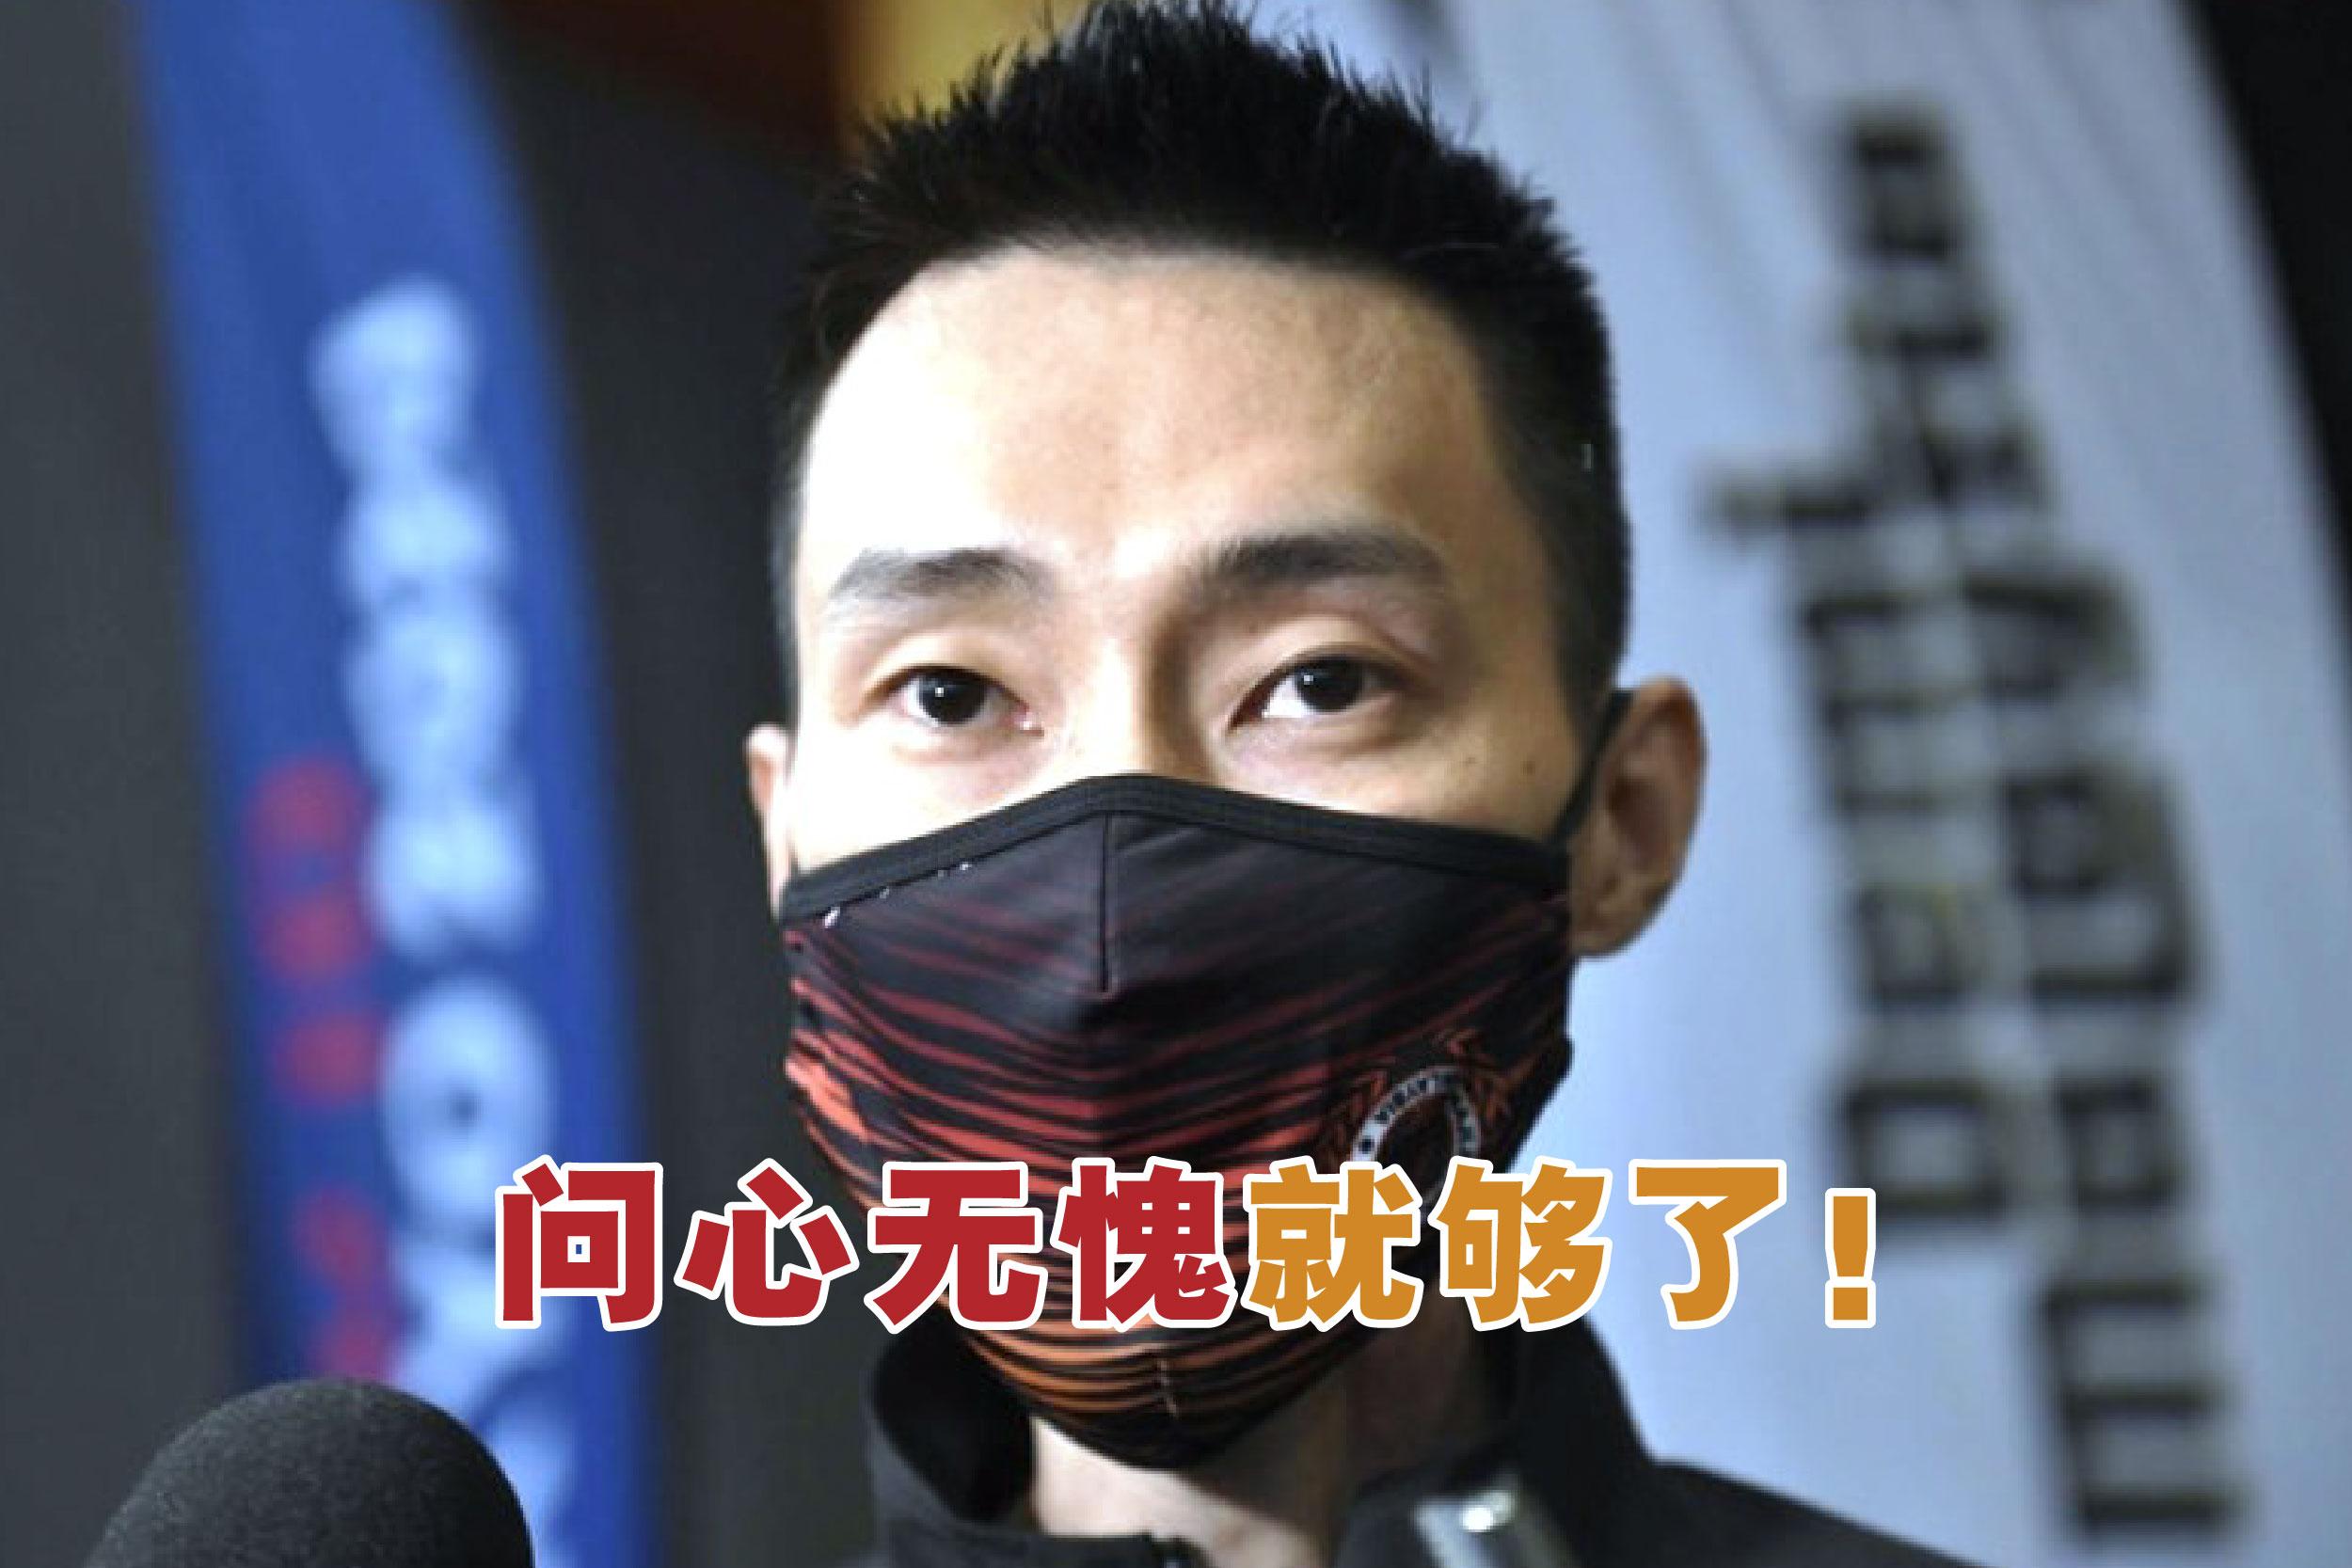 """李宗伟周日(25日)在脸书发文指出:""""在羽球场上尽力而为,问心无愧就够了,还有最后一场比赛,好好享受东京奥运的舞台。!""""-马新社-"""